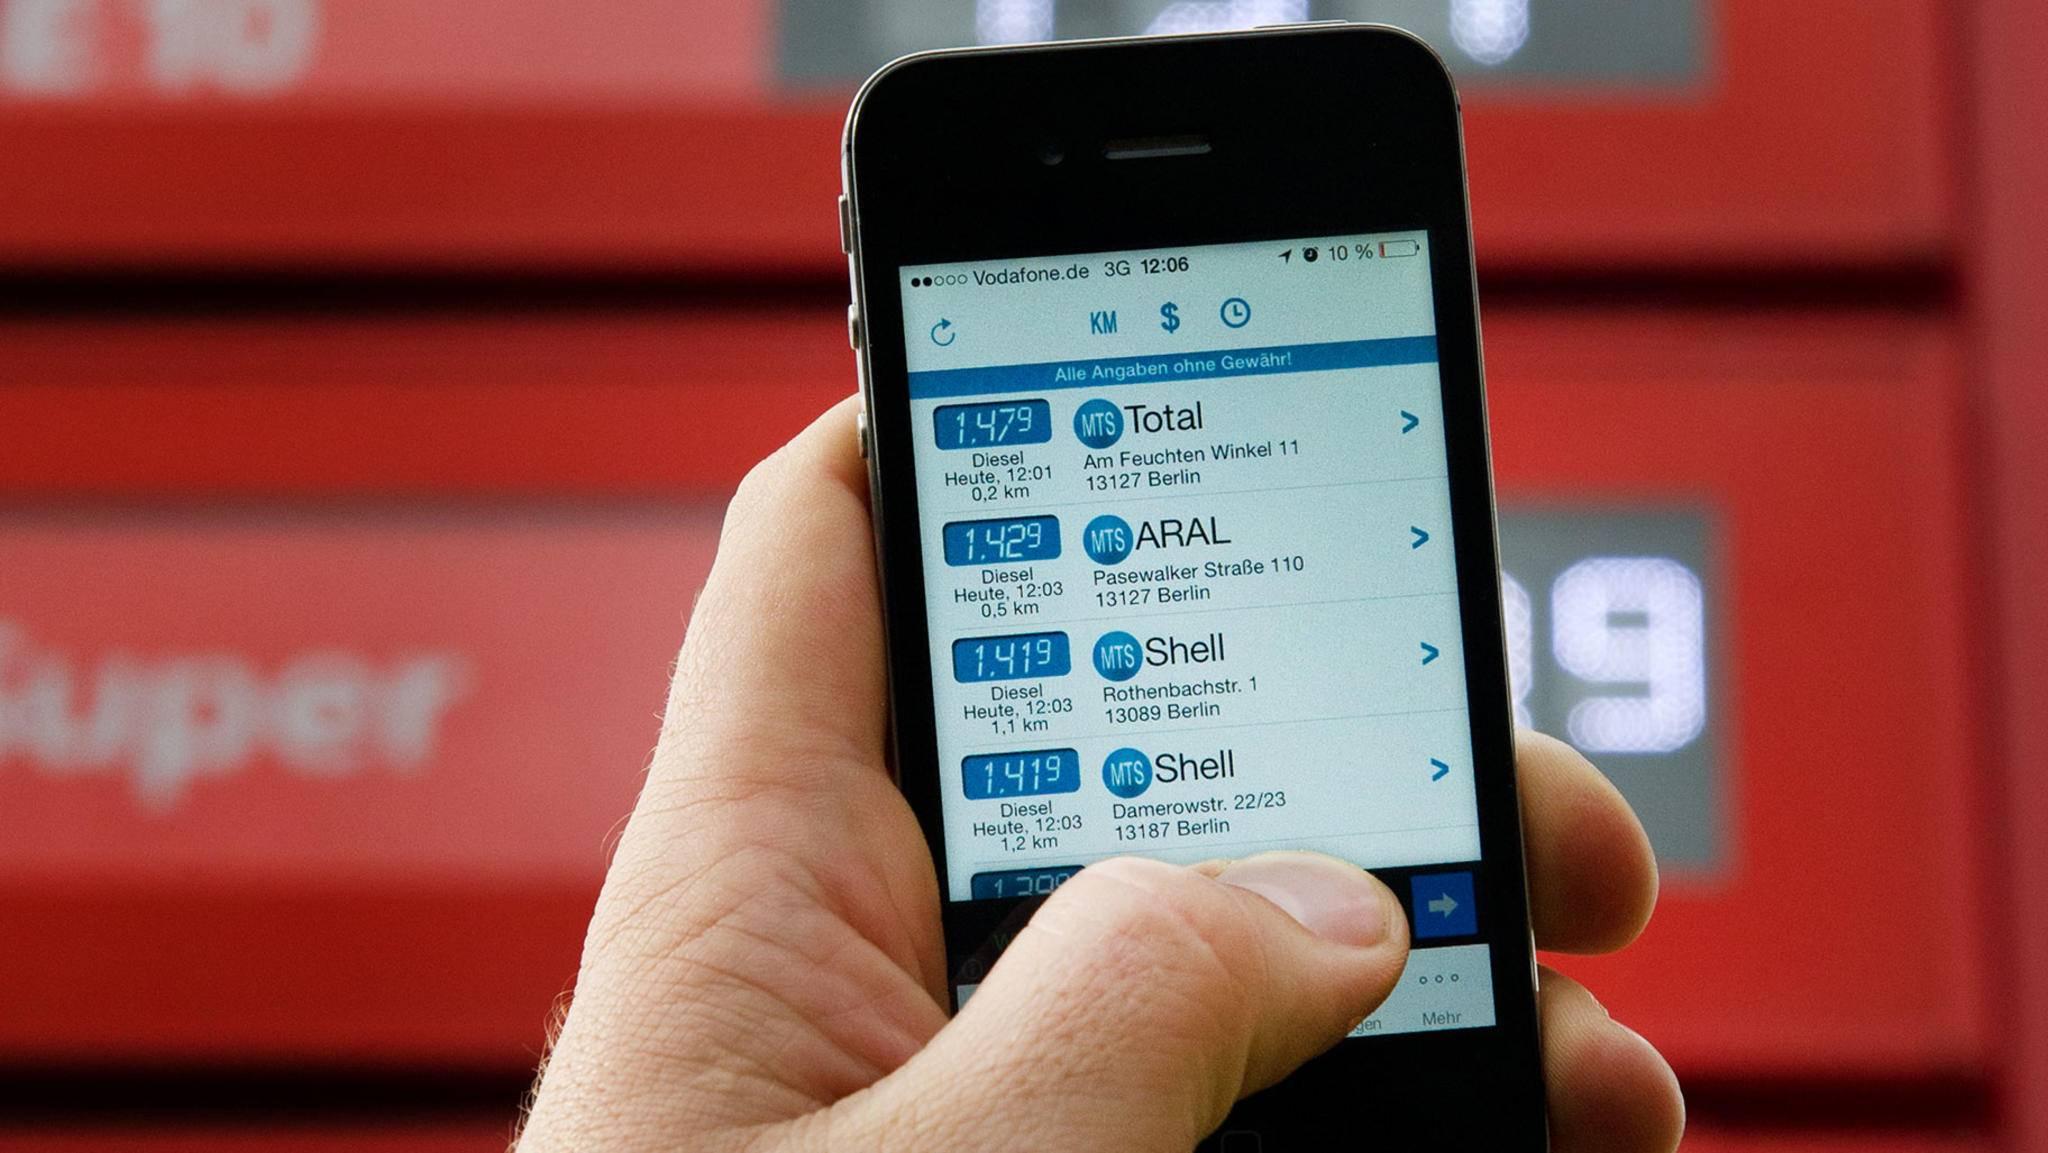 Stets auf der Suche nach dem günstigsten Benzinpreis? Dann helfen Dir diese 6 Apps weiter.